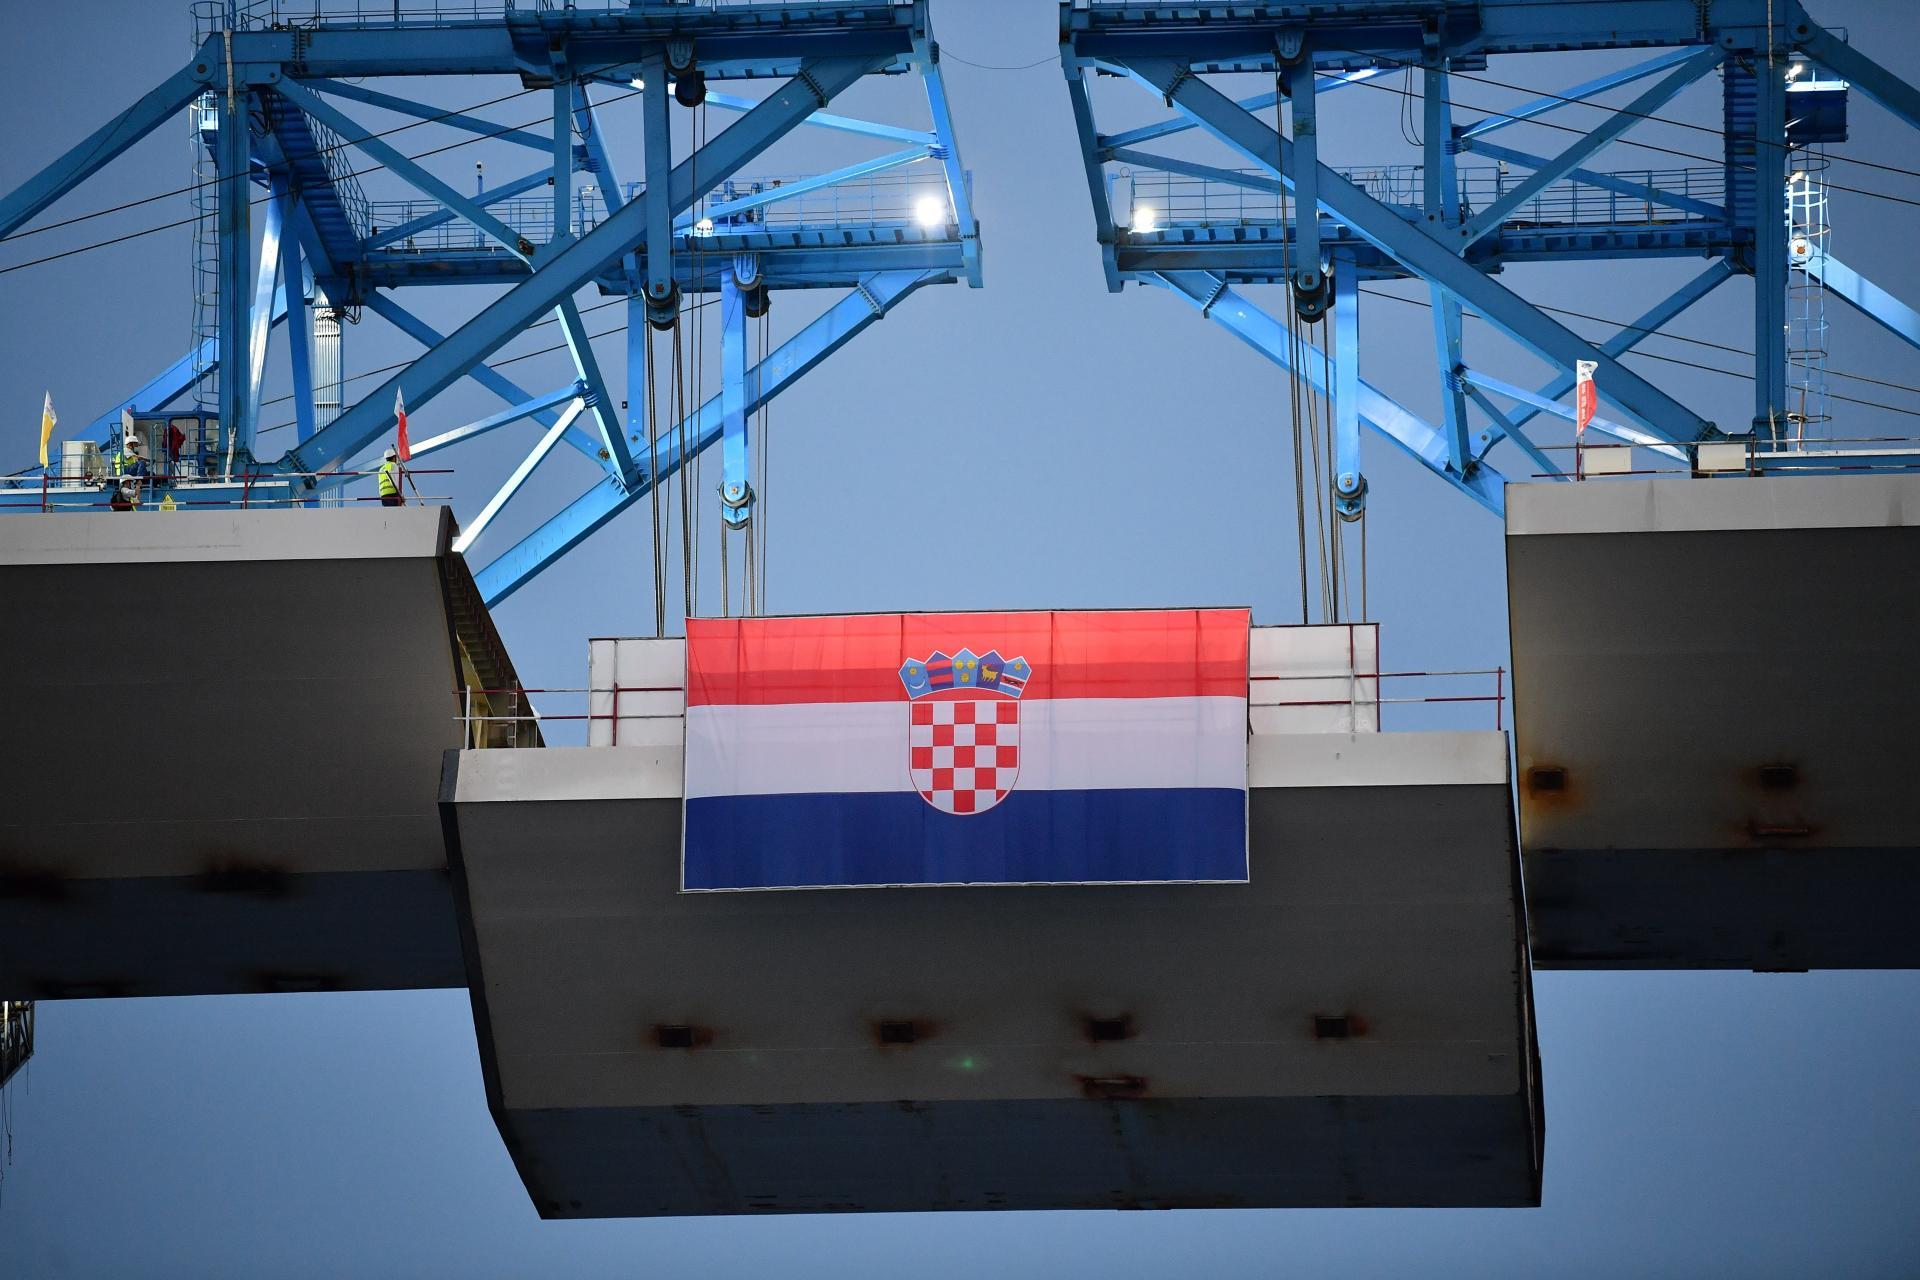 Podizanje posljednjeg segmenta čelične konstrukcije mosta    Tonci Plazibat/Cropix